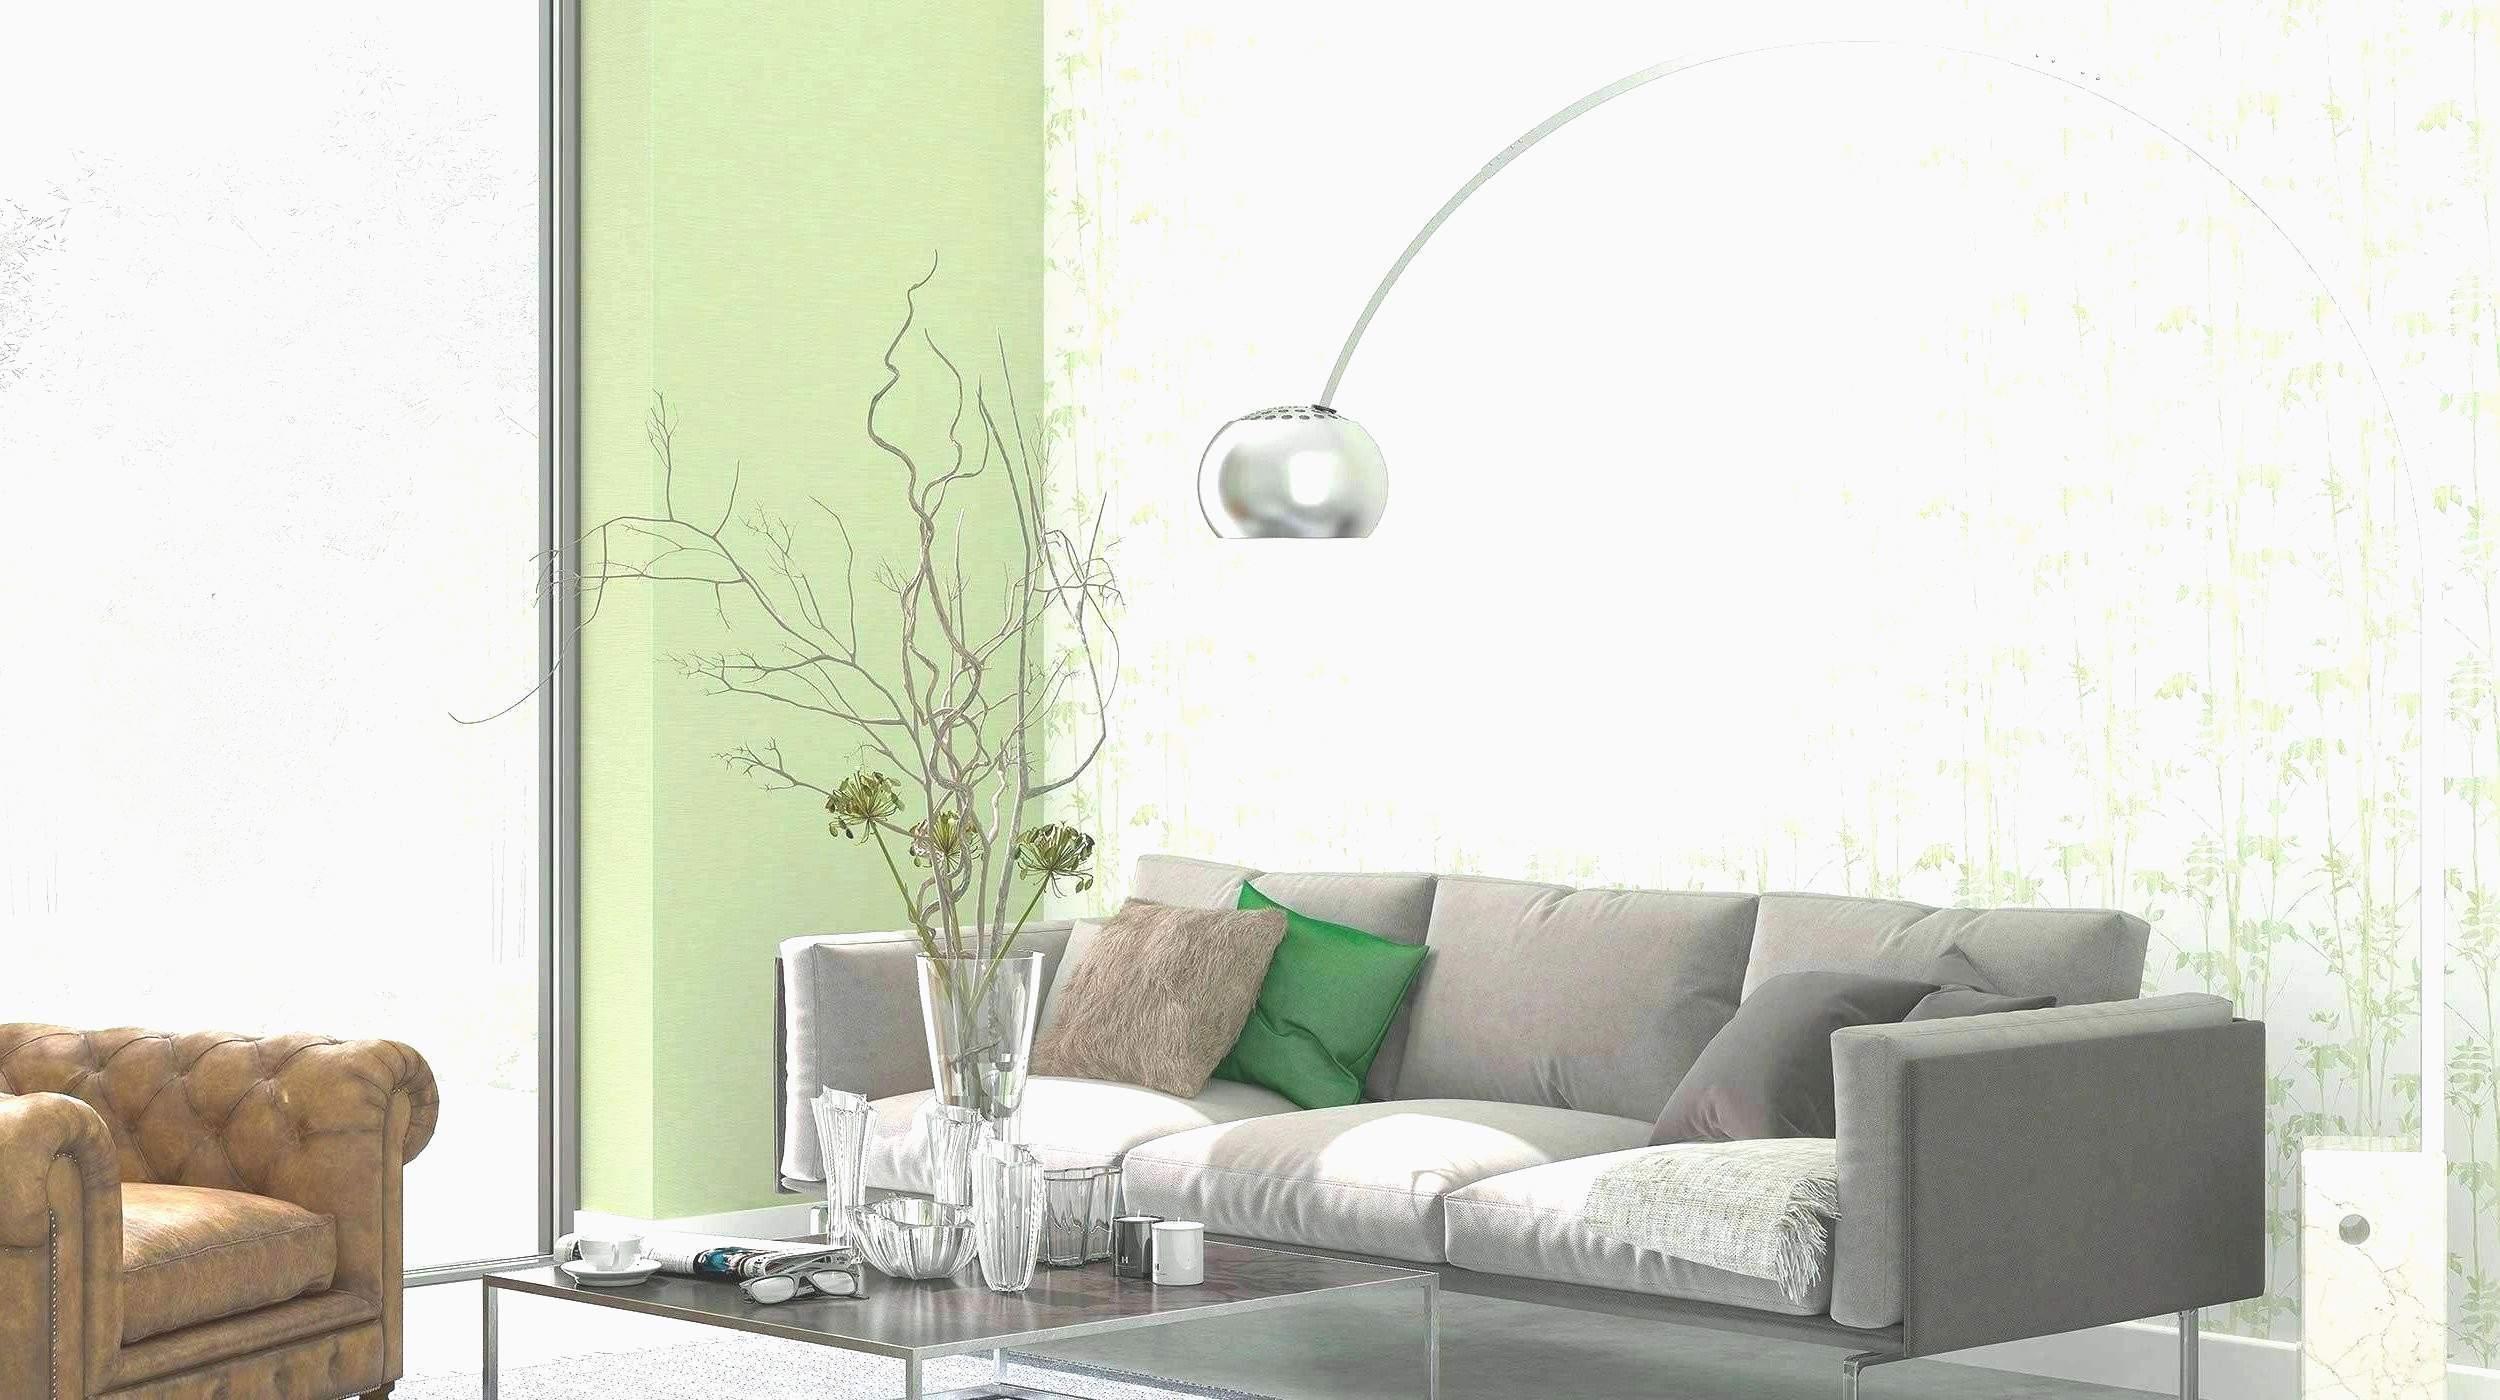 wohnzimmer fulda das beste von 27 luxus wohnzimmer poco elegant of wohnzimmer fulda